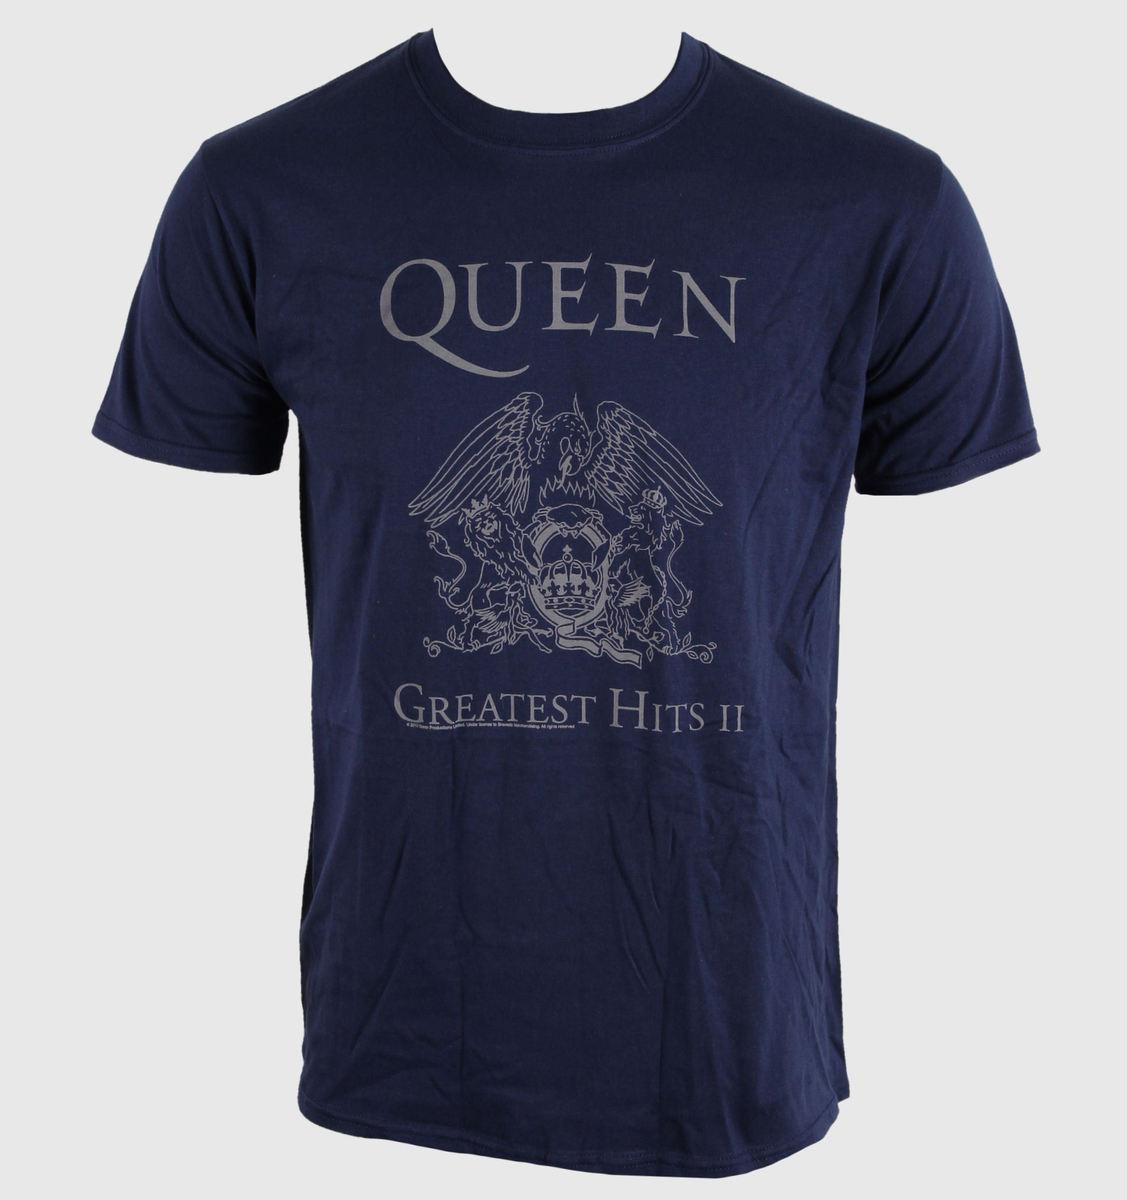 tričko pánské Queen - Greatest Hits II - Navy - BRAVADO EU - QUTS10MBL